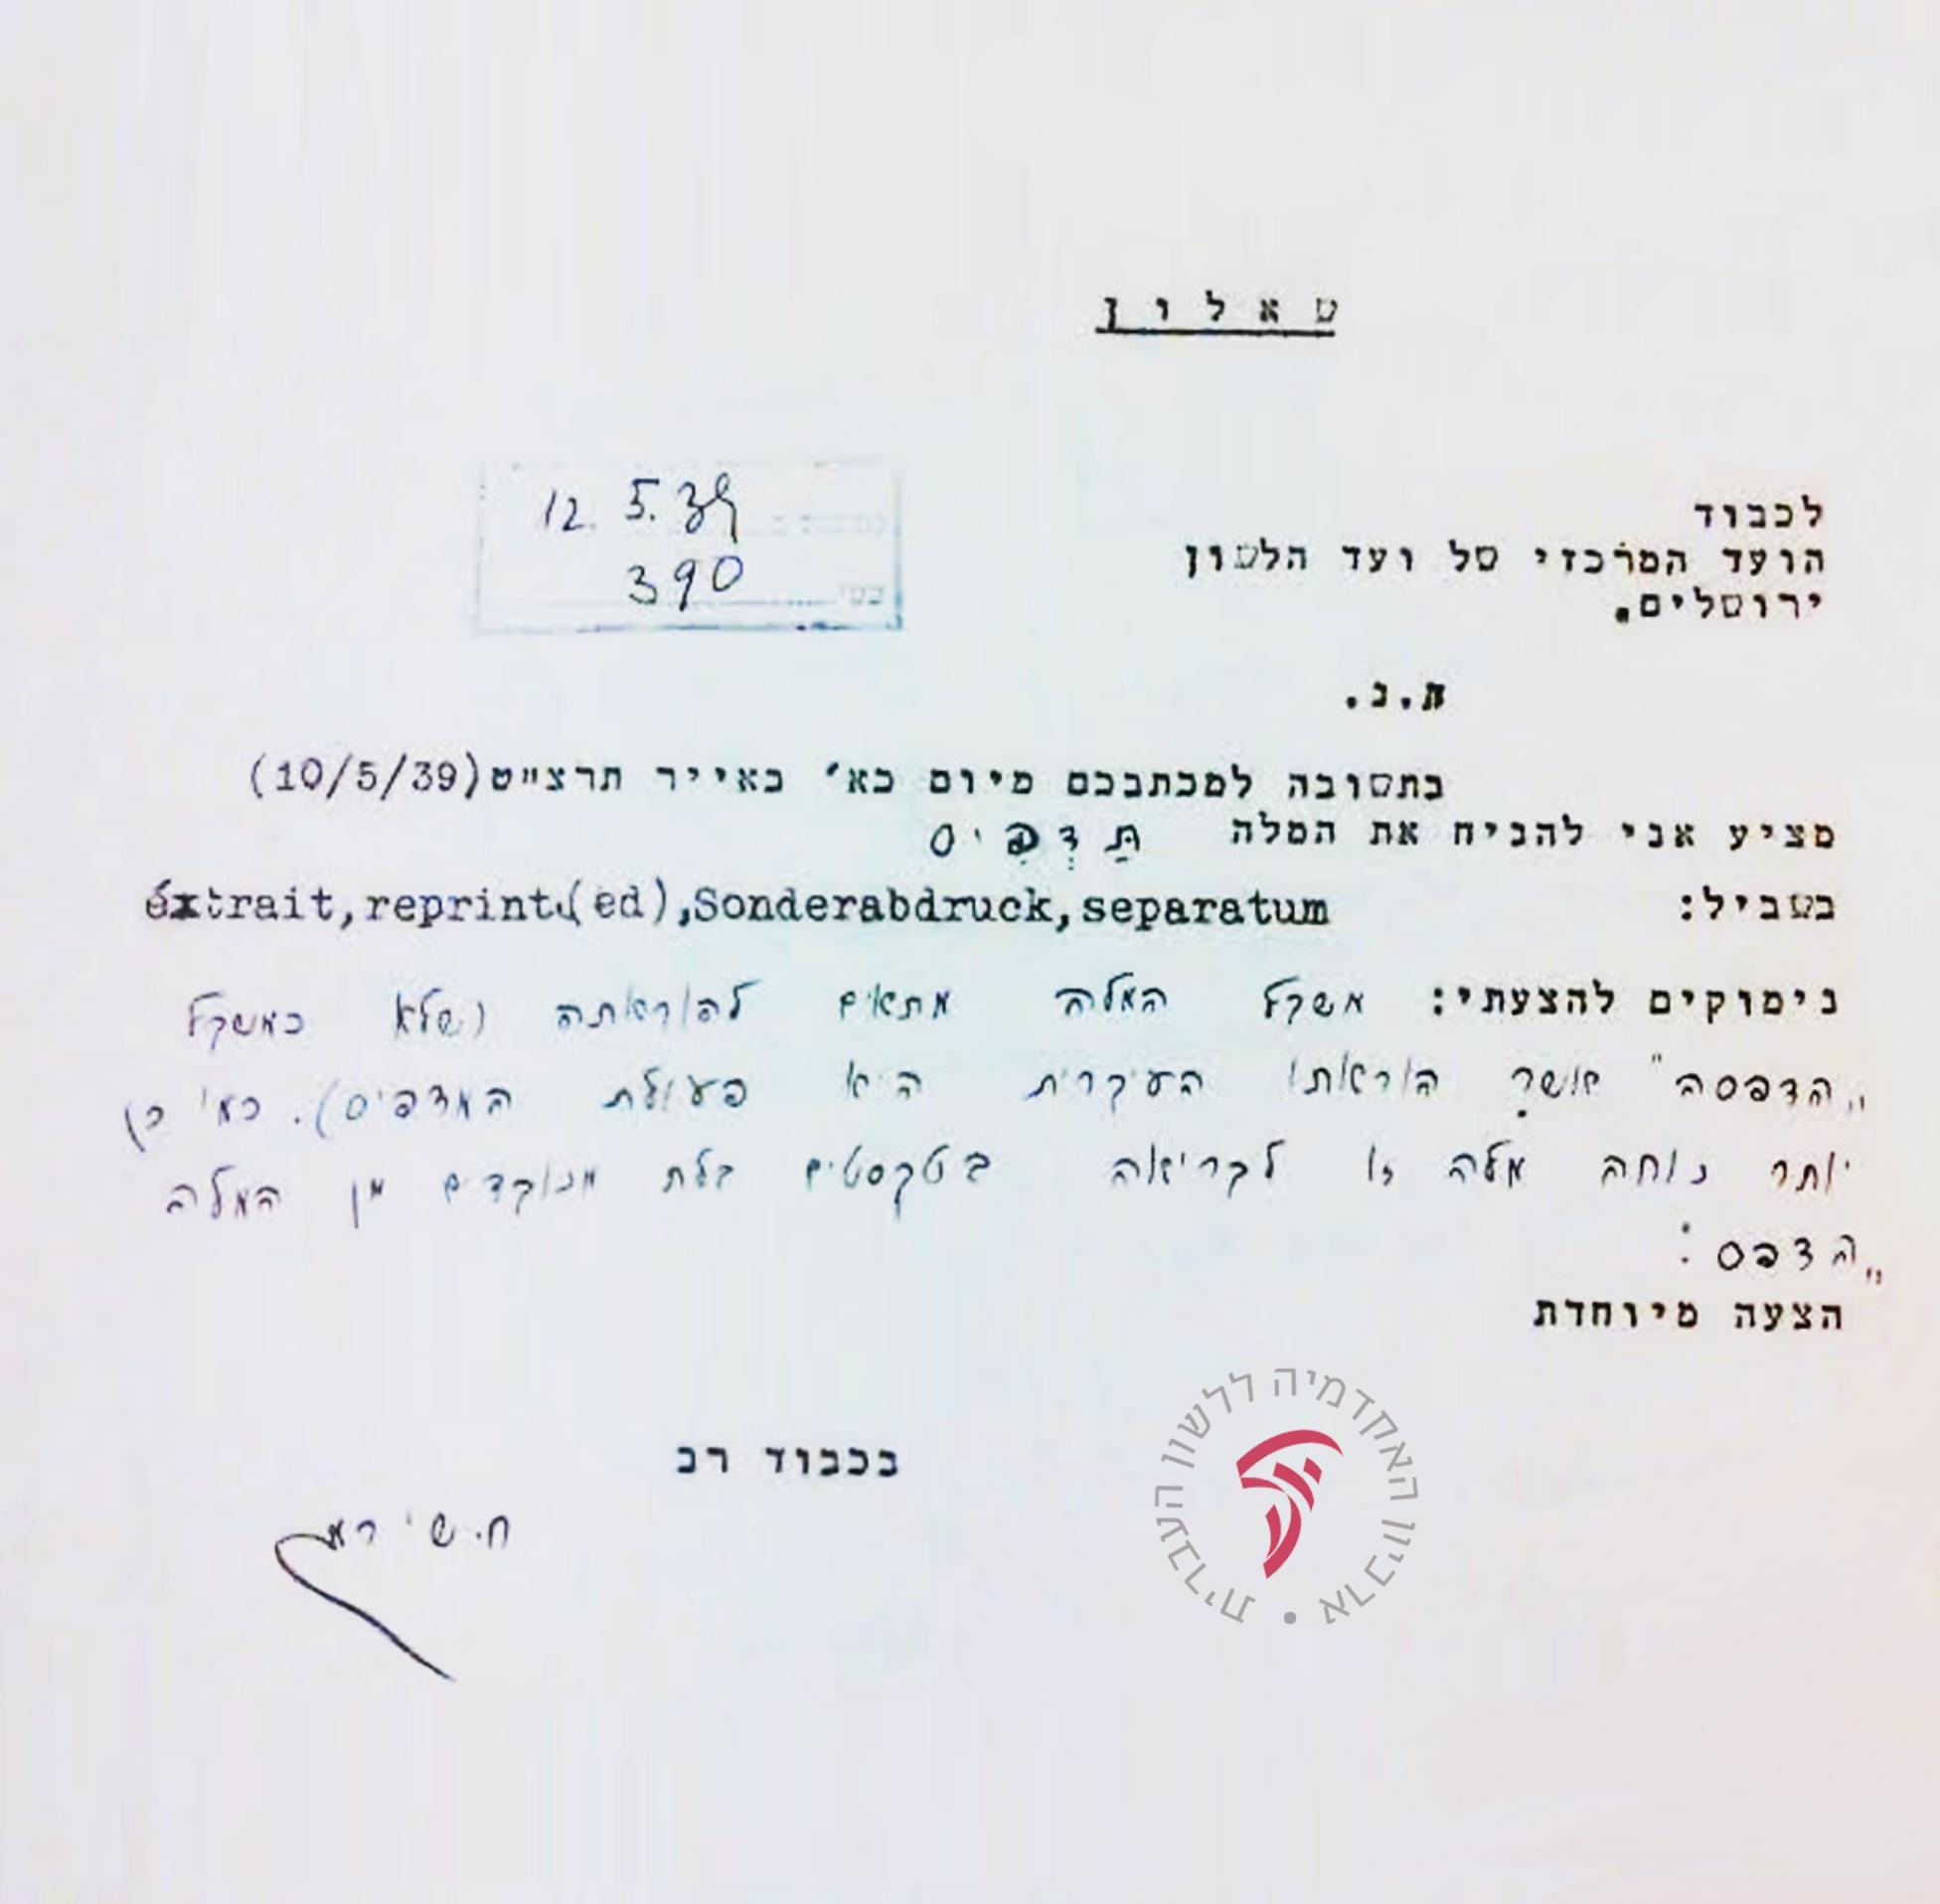 תשובות שונות שכתבו חברי הוועד - ח.שירמן